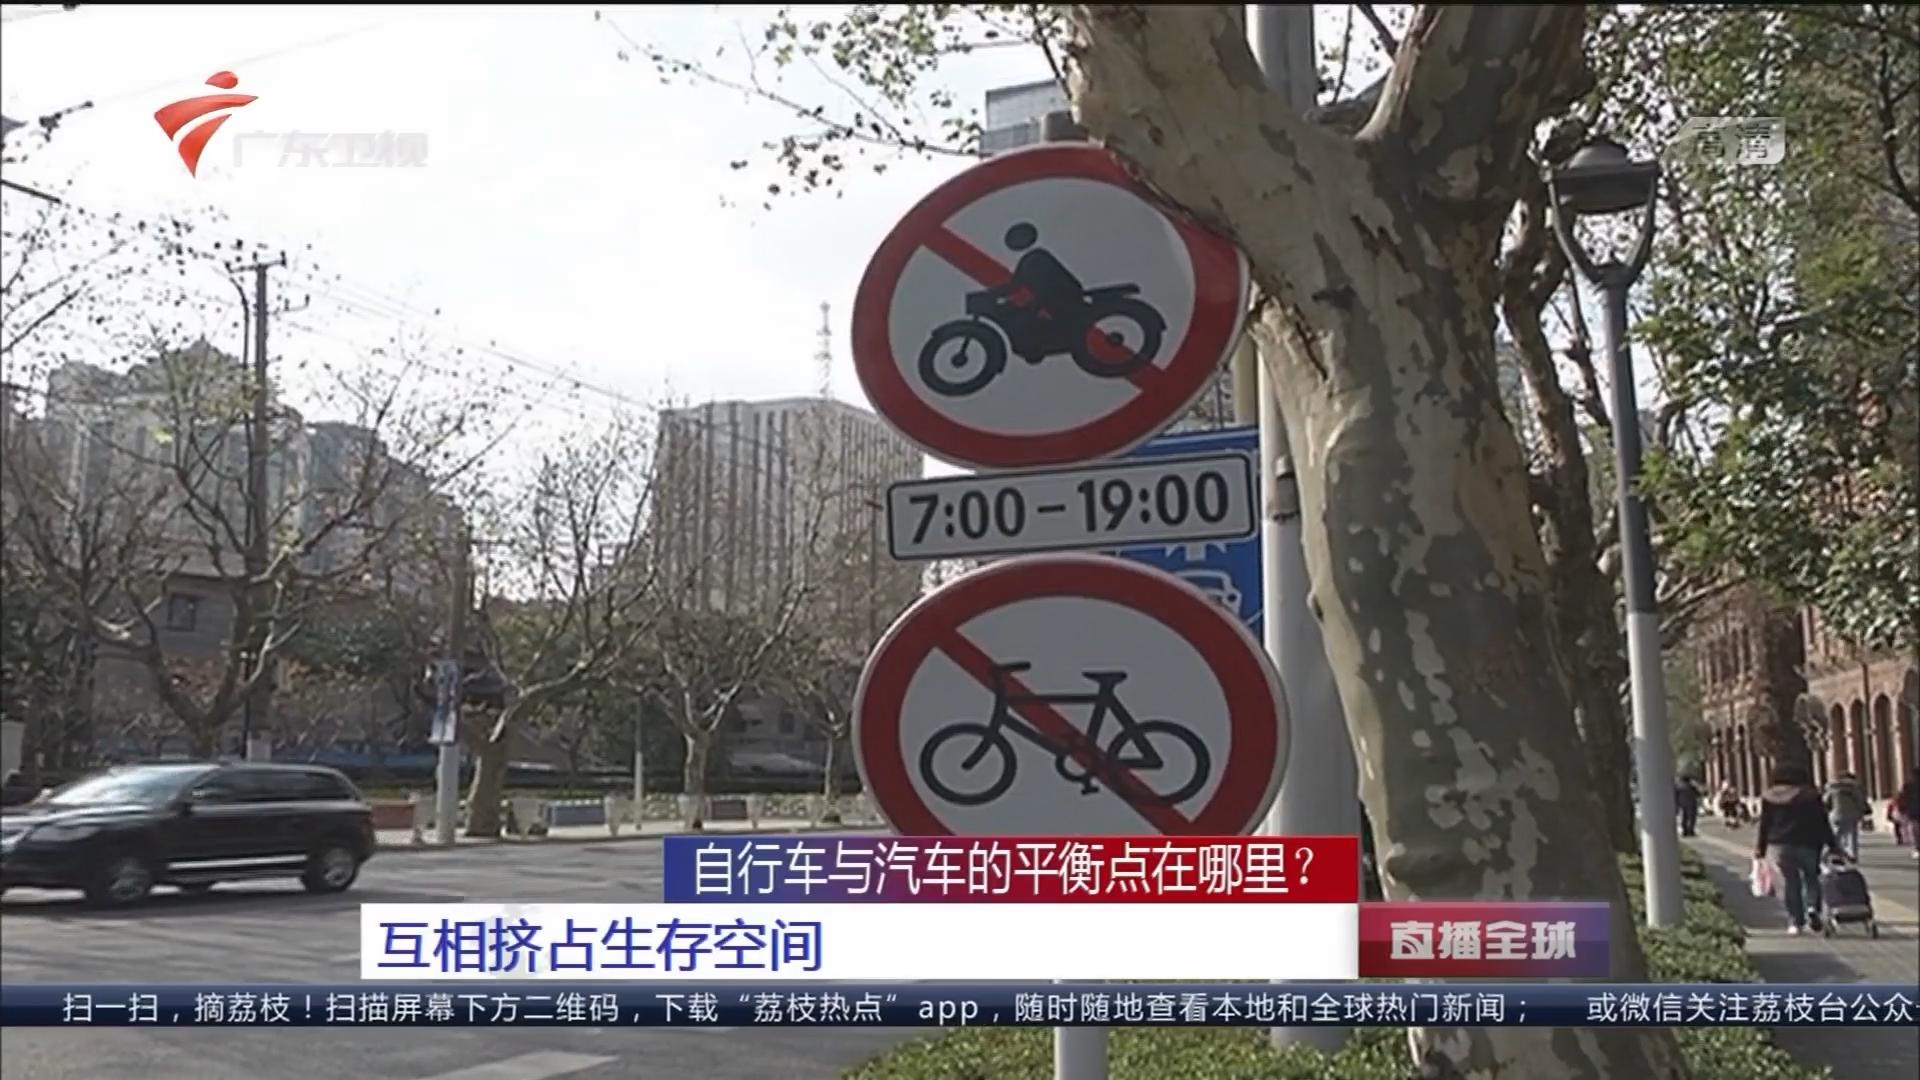 自行车与汽车的平衡点在哪里? 互相挤占生存空间